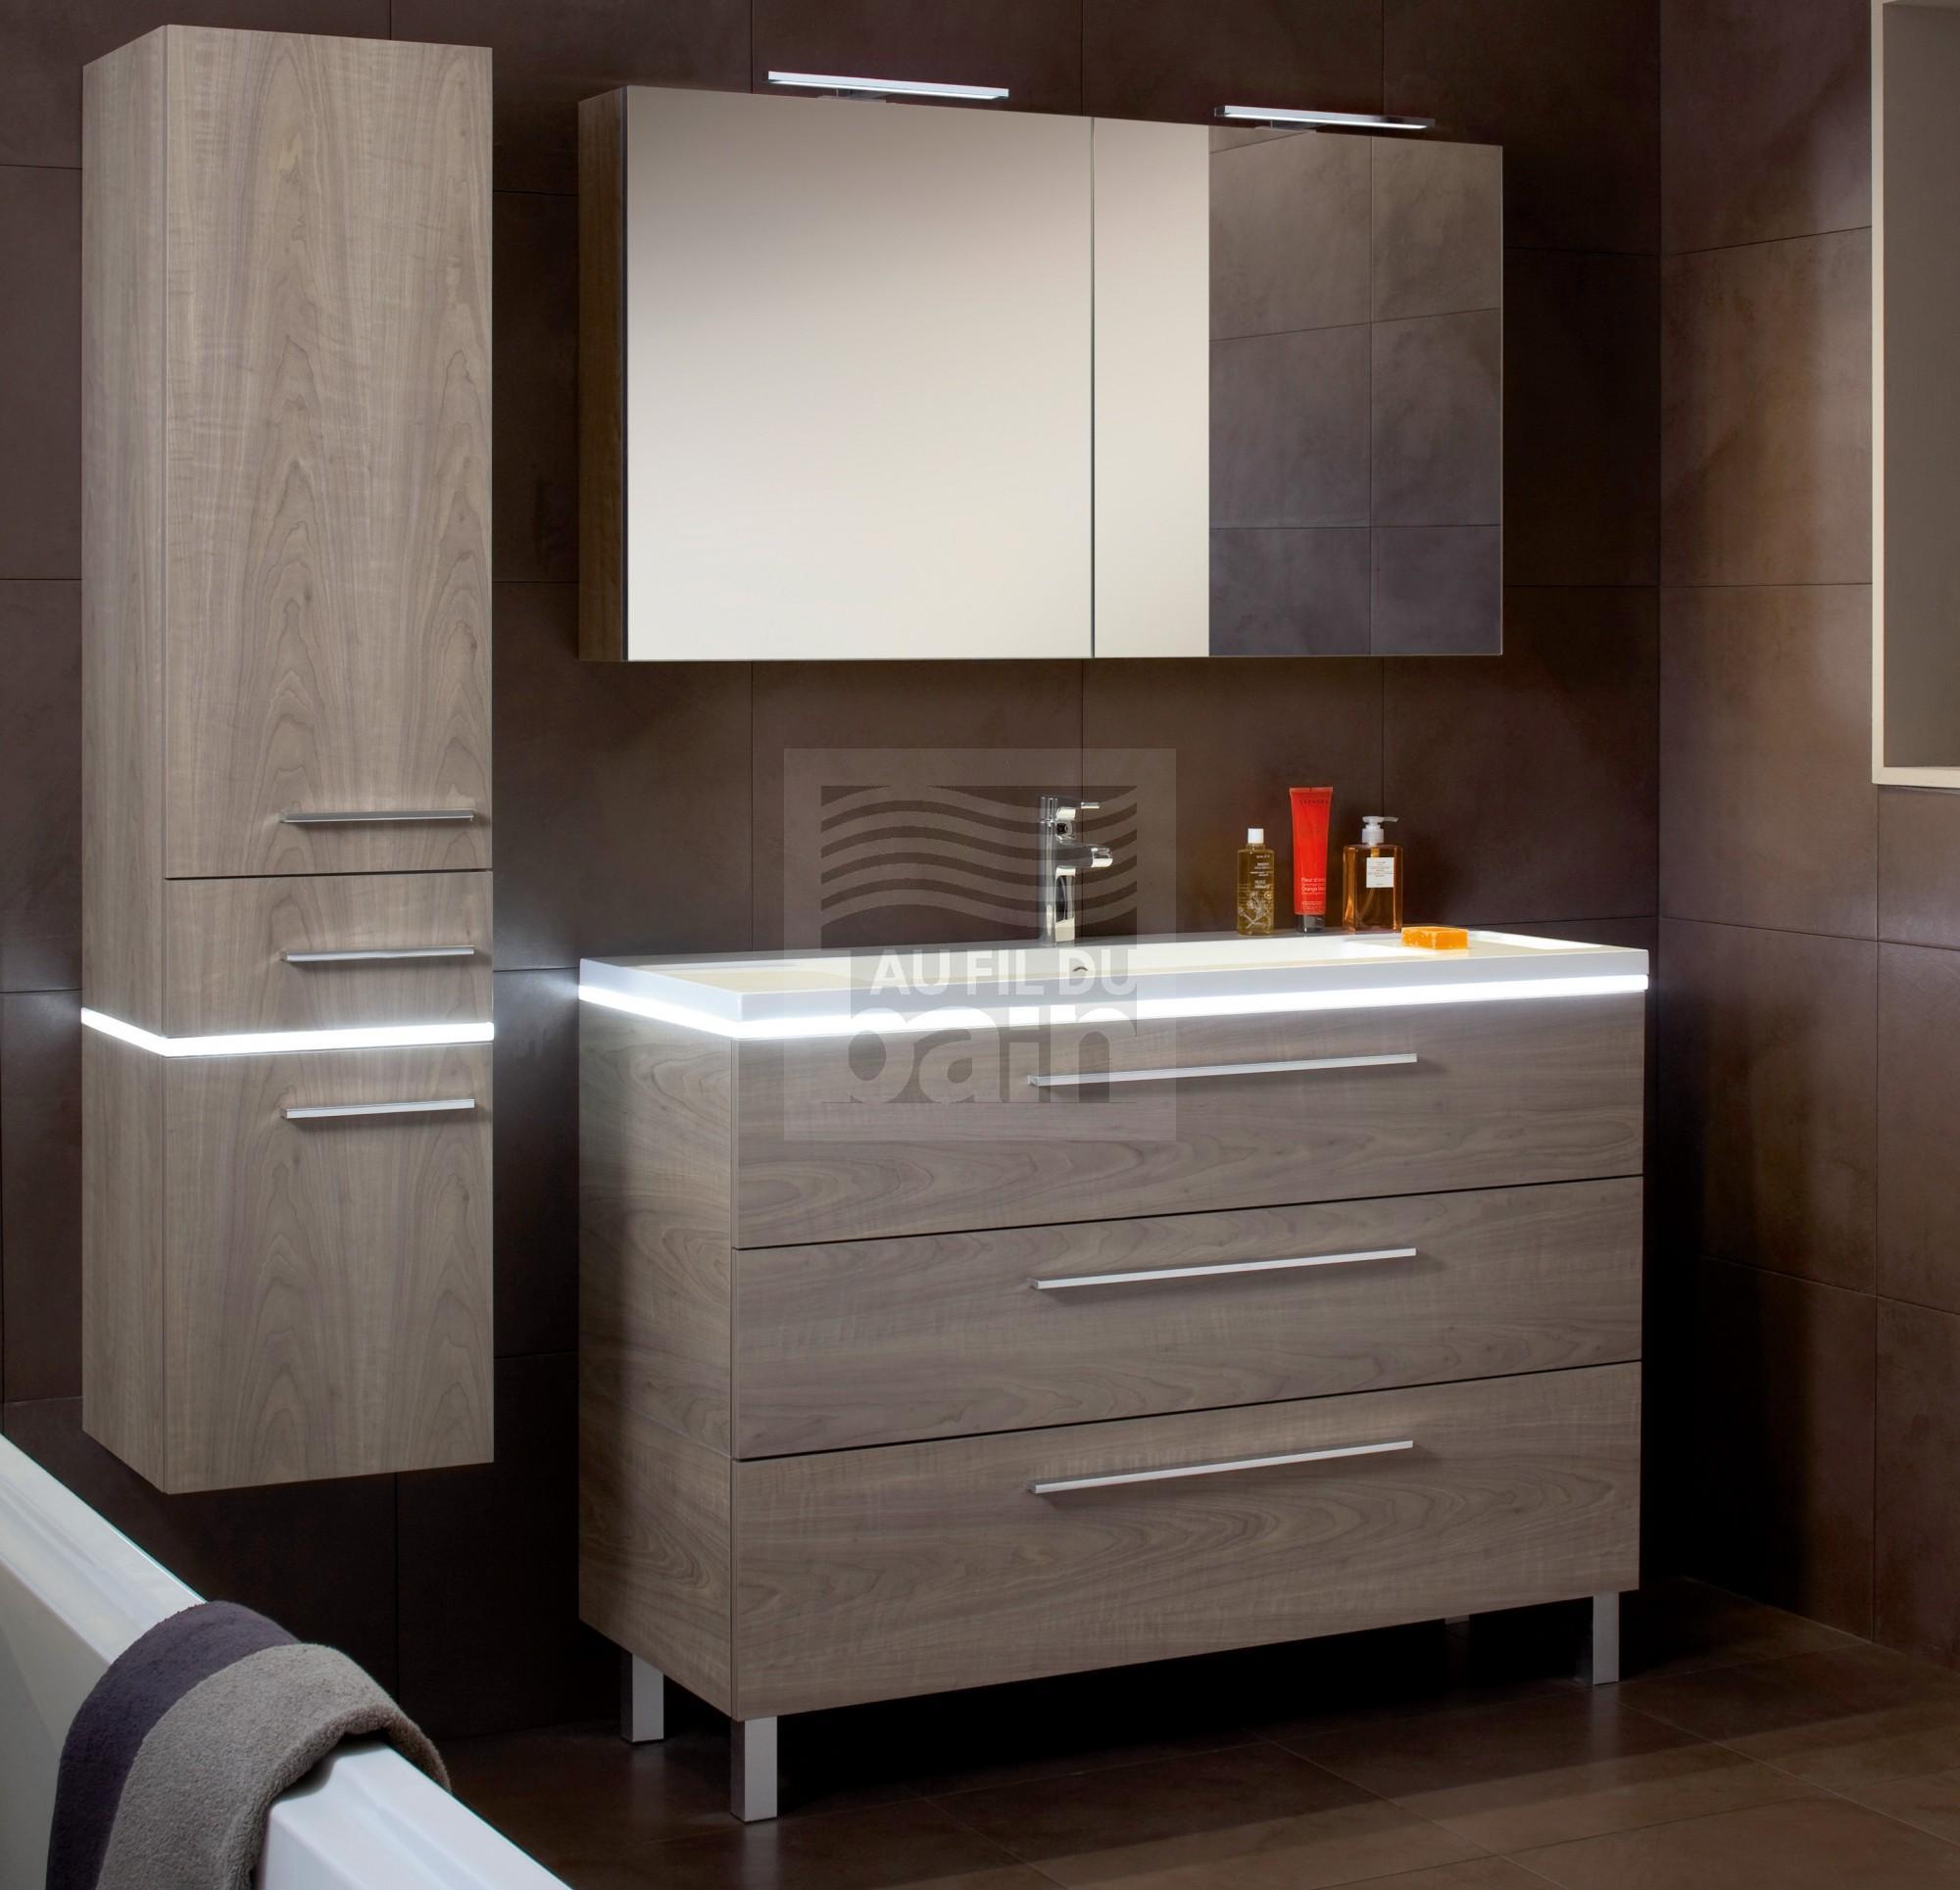 Salle de bain meuble lavabo